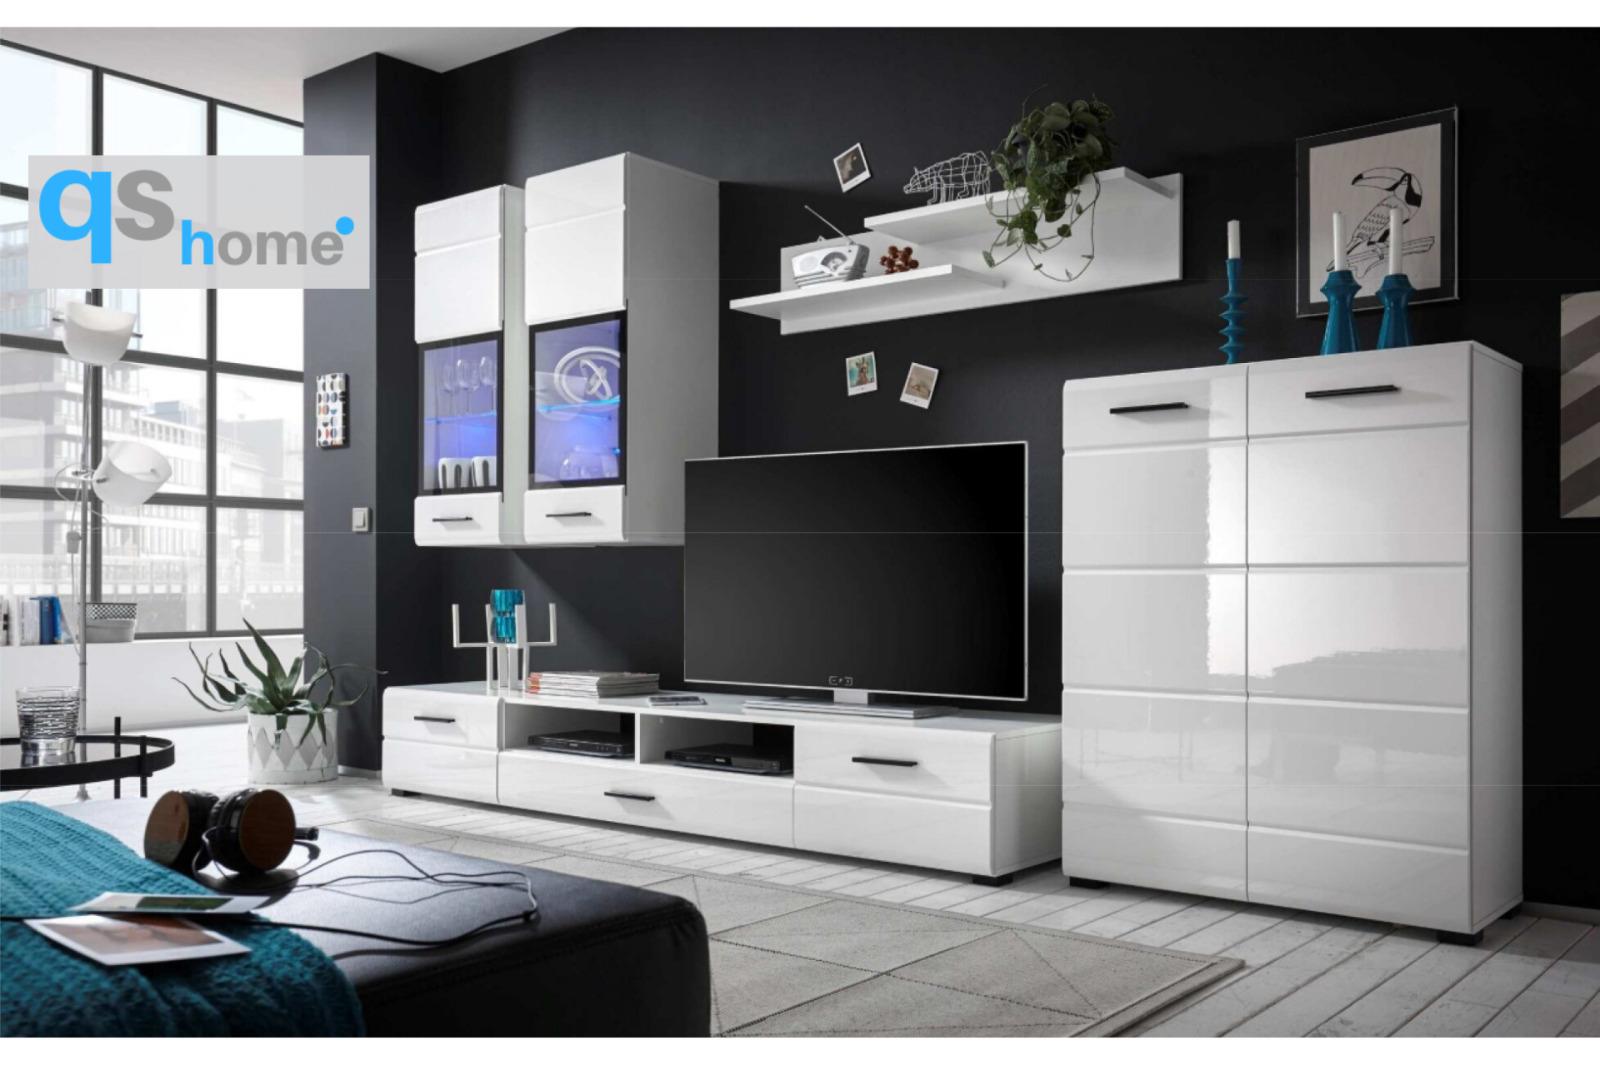 Mueble salón comedor luz LED estilo moderno cristal 285 largo blanco brillo